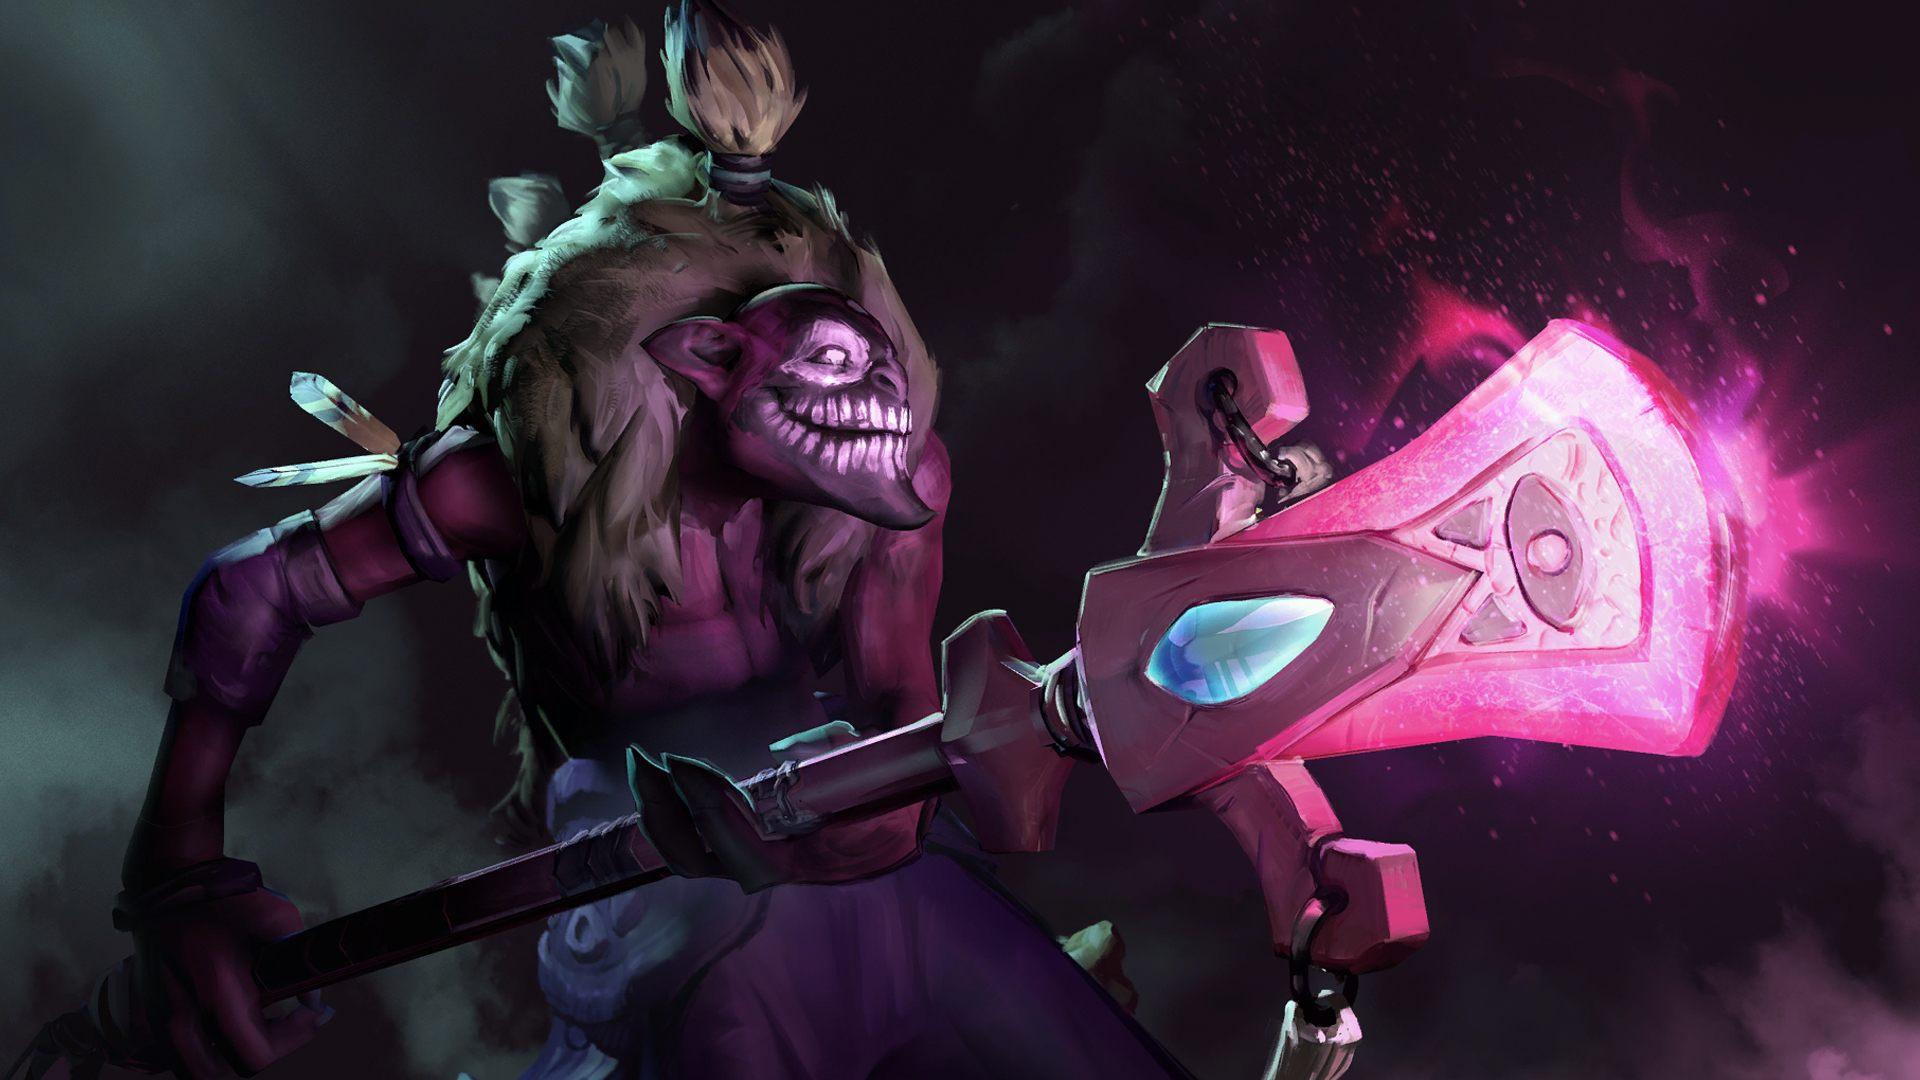 Dazzle, uno de los personajes nerfeados en el parche 7.20e de Dota2